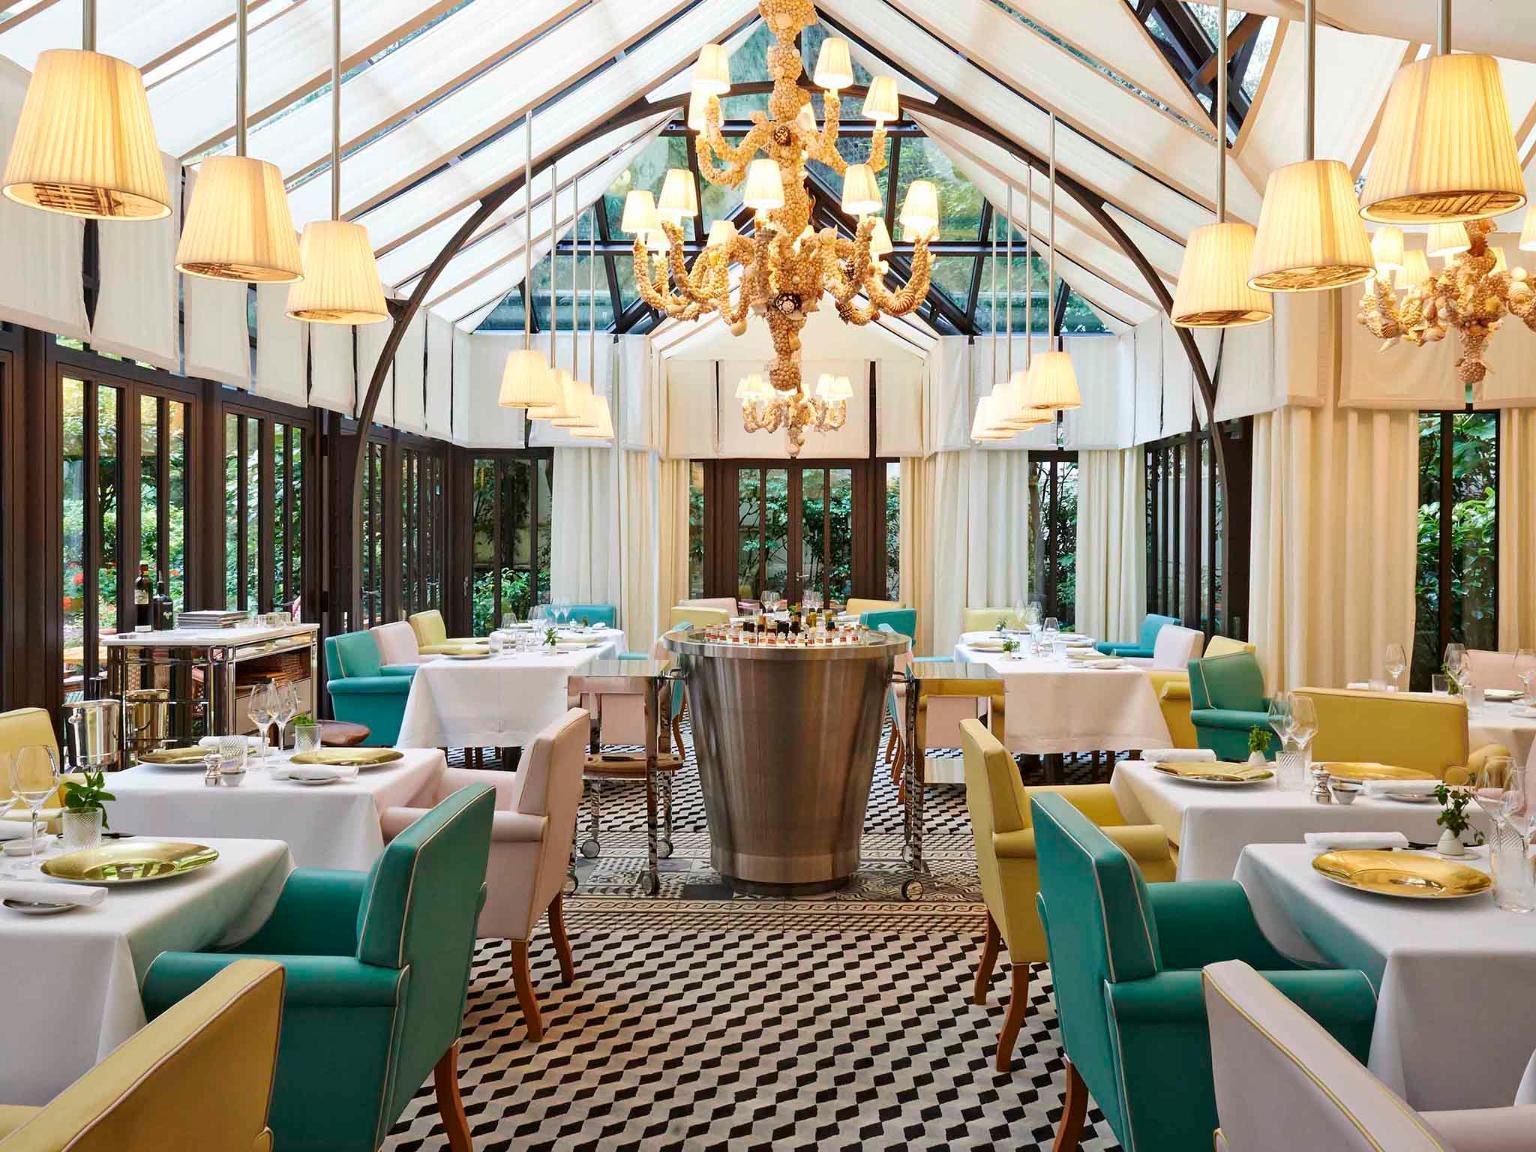 Le royal monceau raffles paris h tel 37 avenue hoche for Restaurant avec patio paris